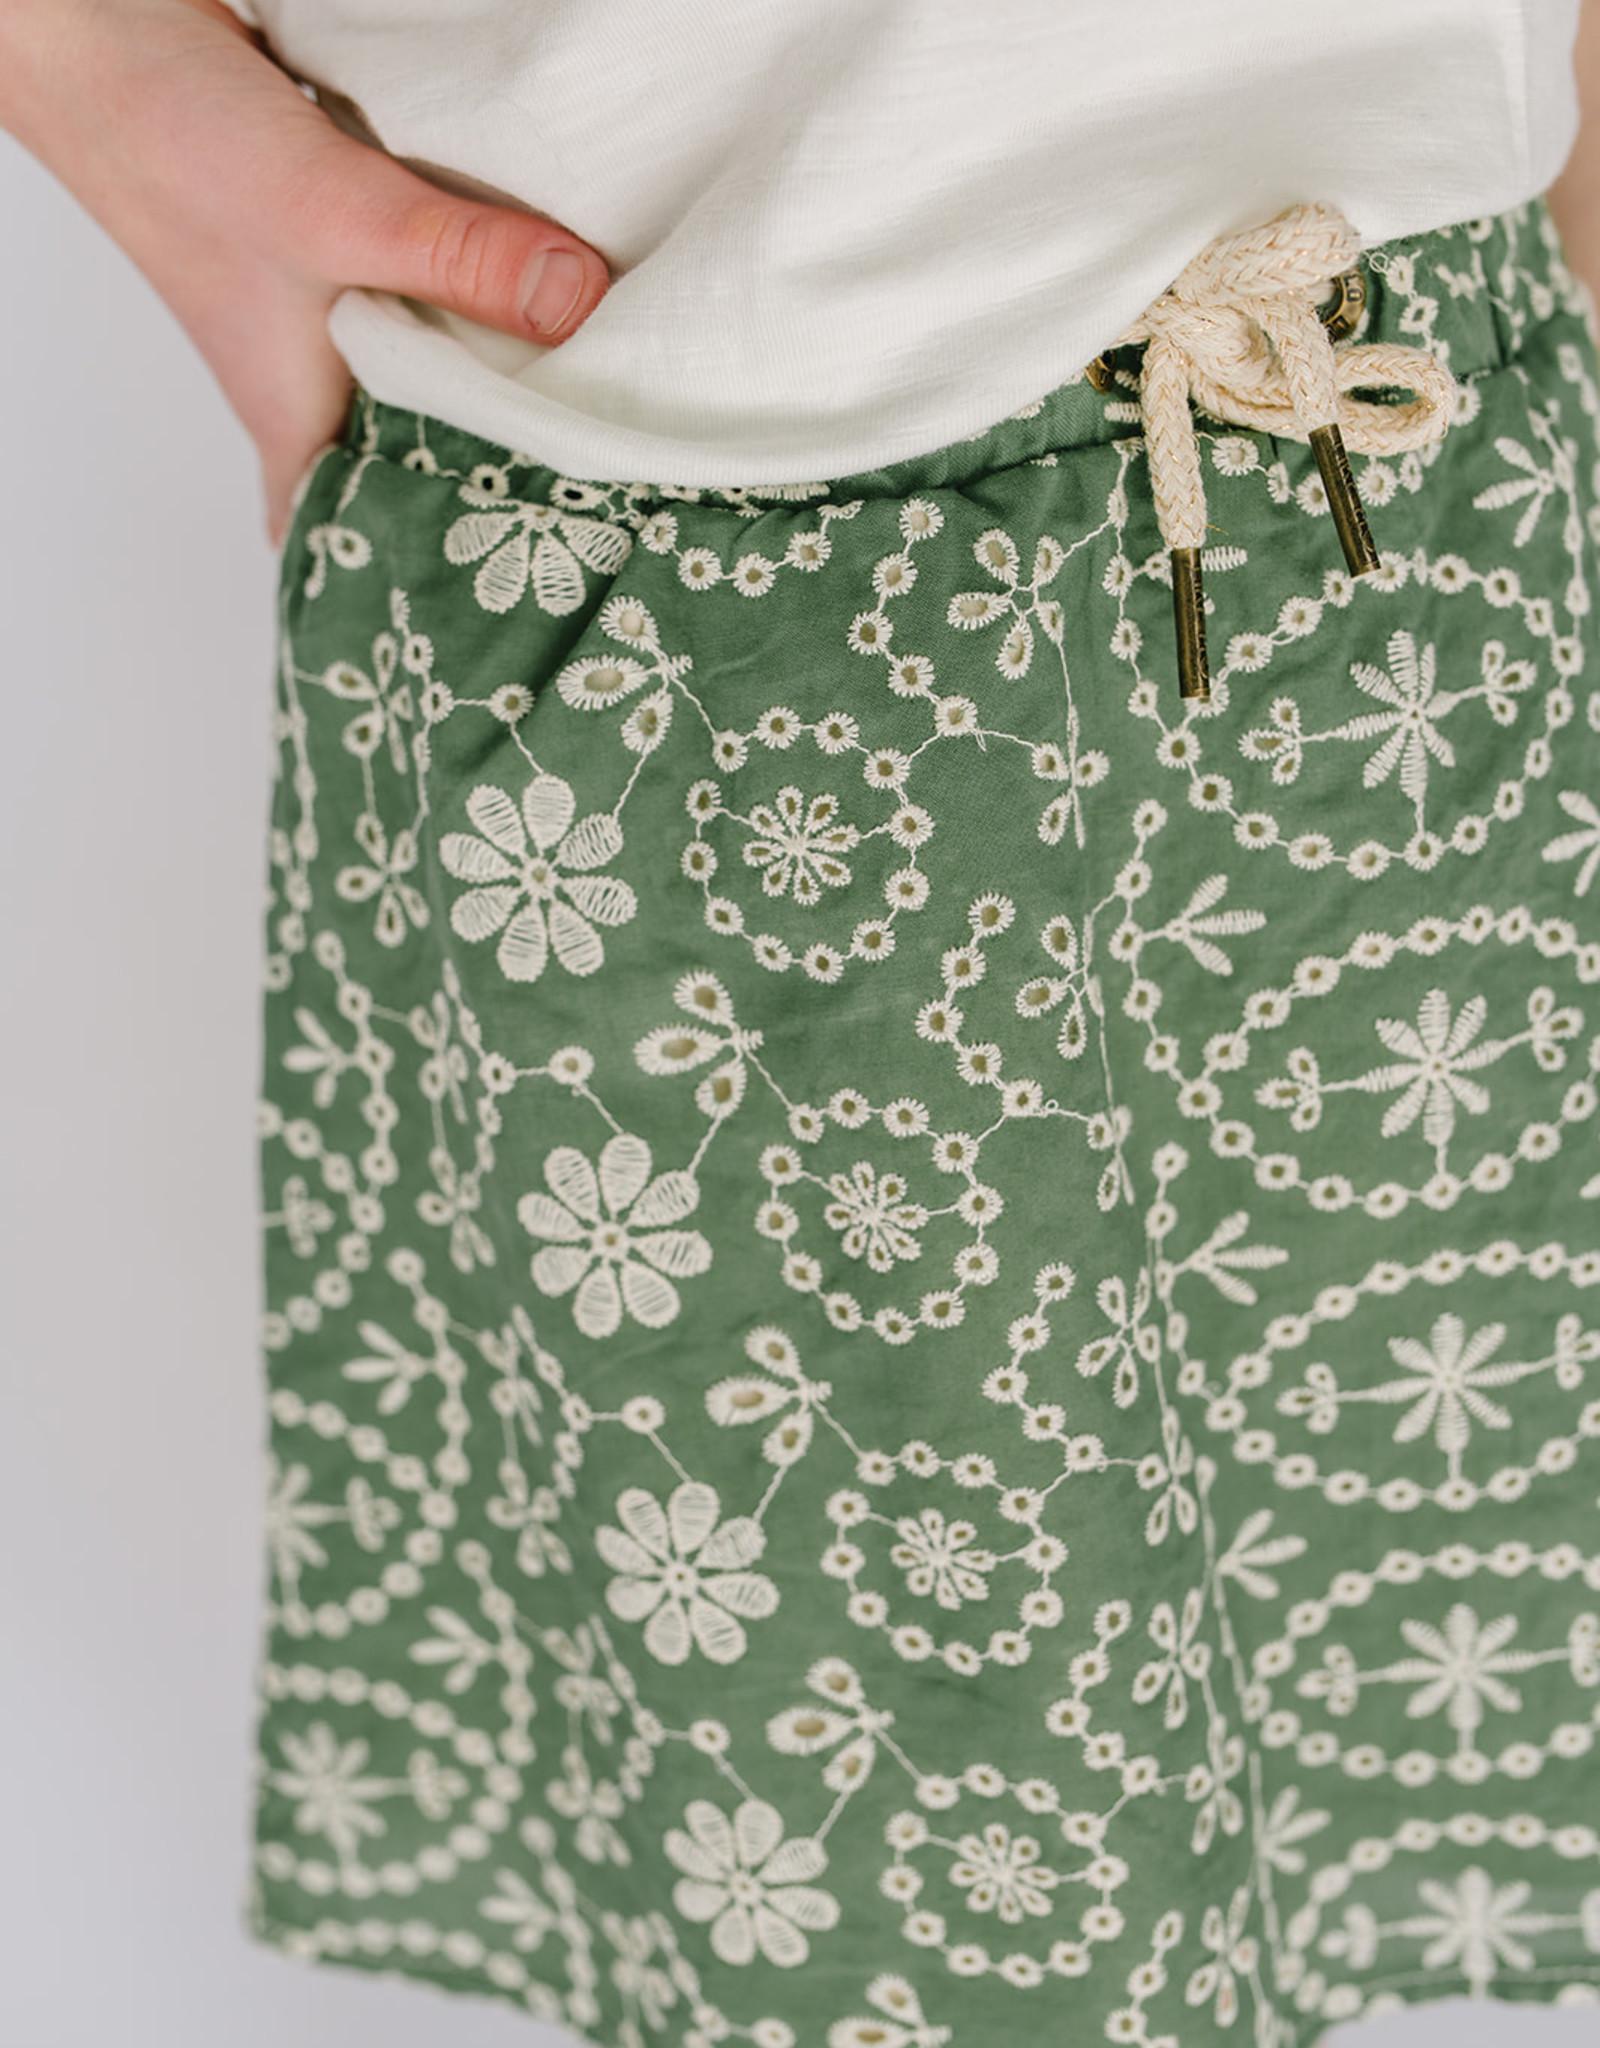 Like Flo Skirt Green Embroidered Eyelet 5730